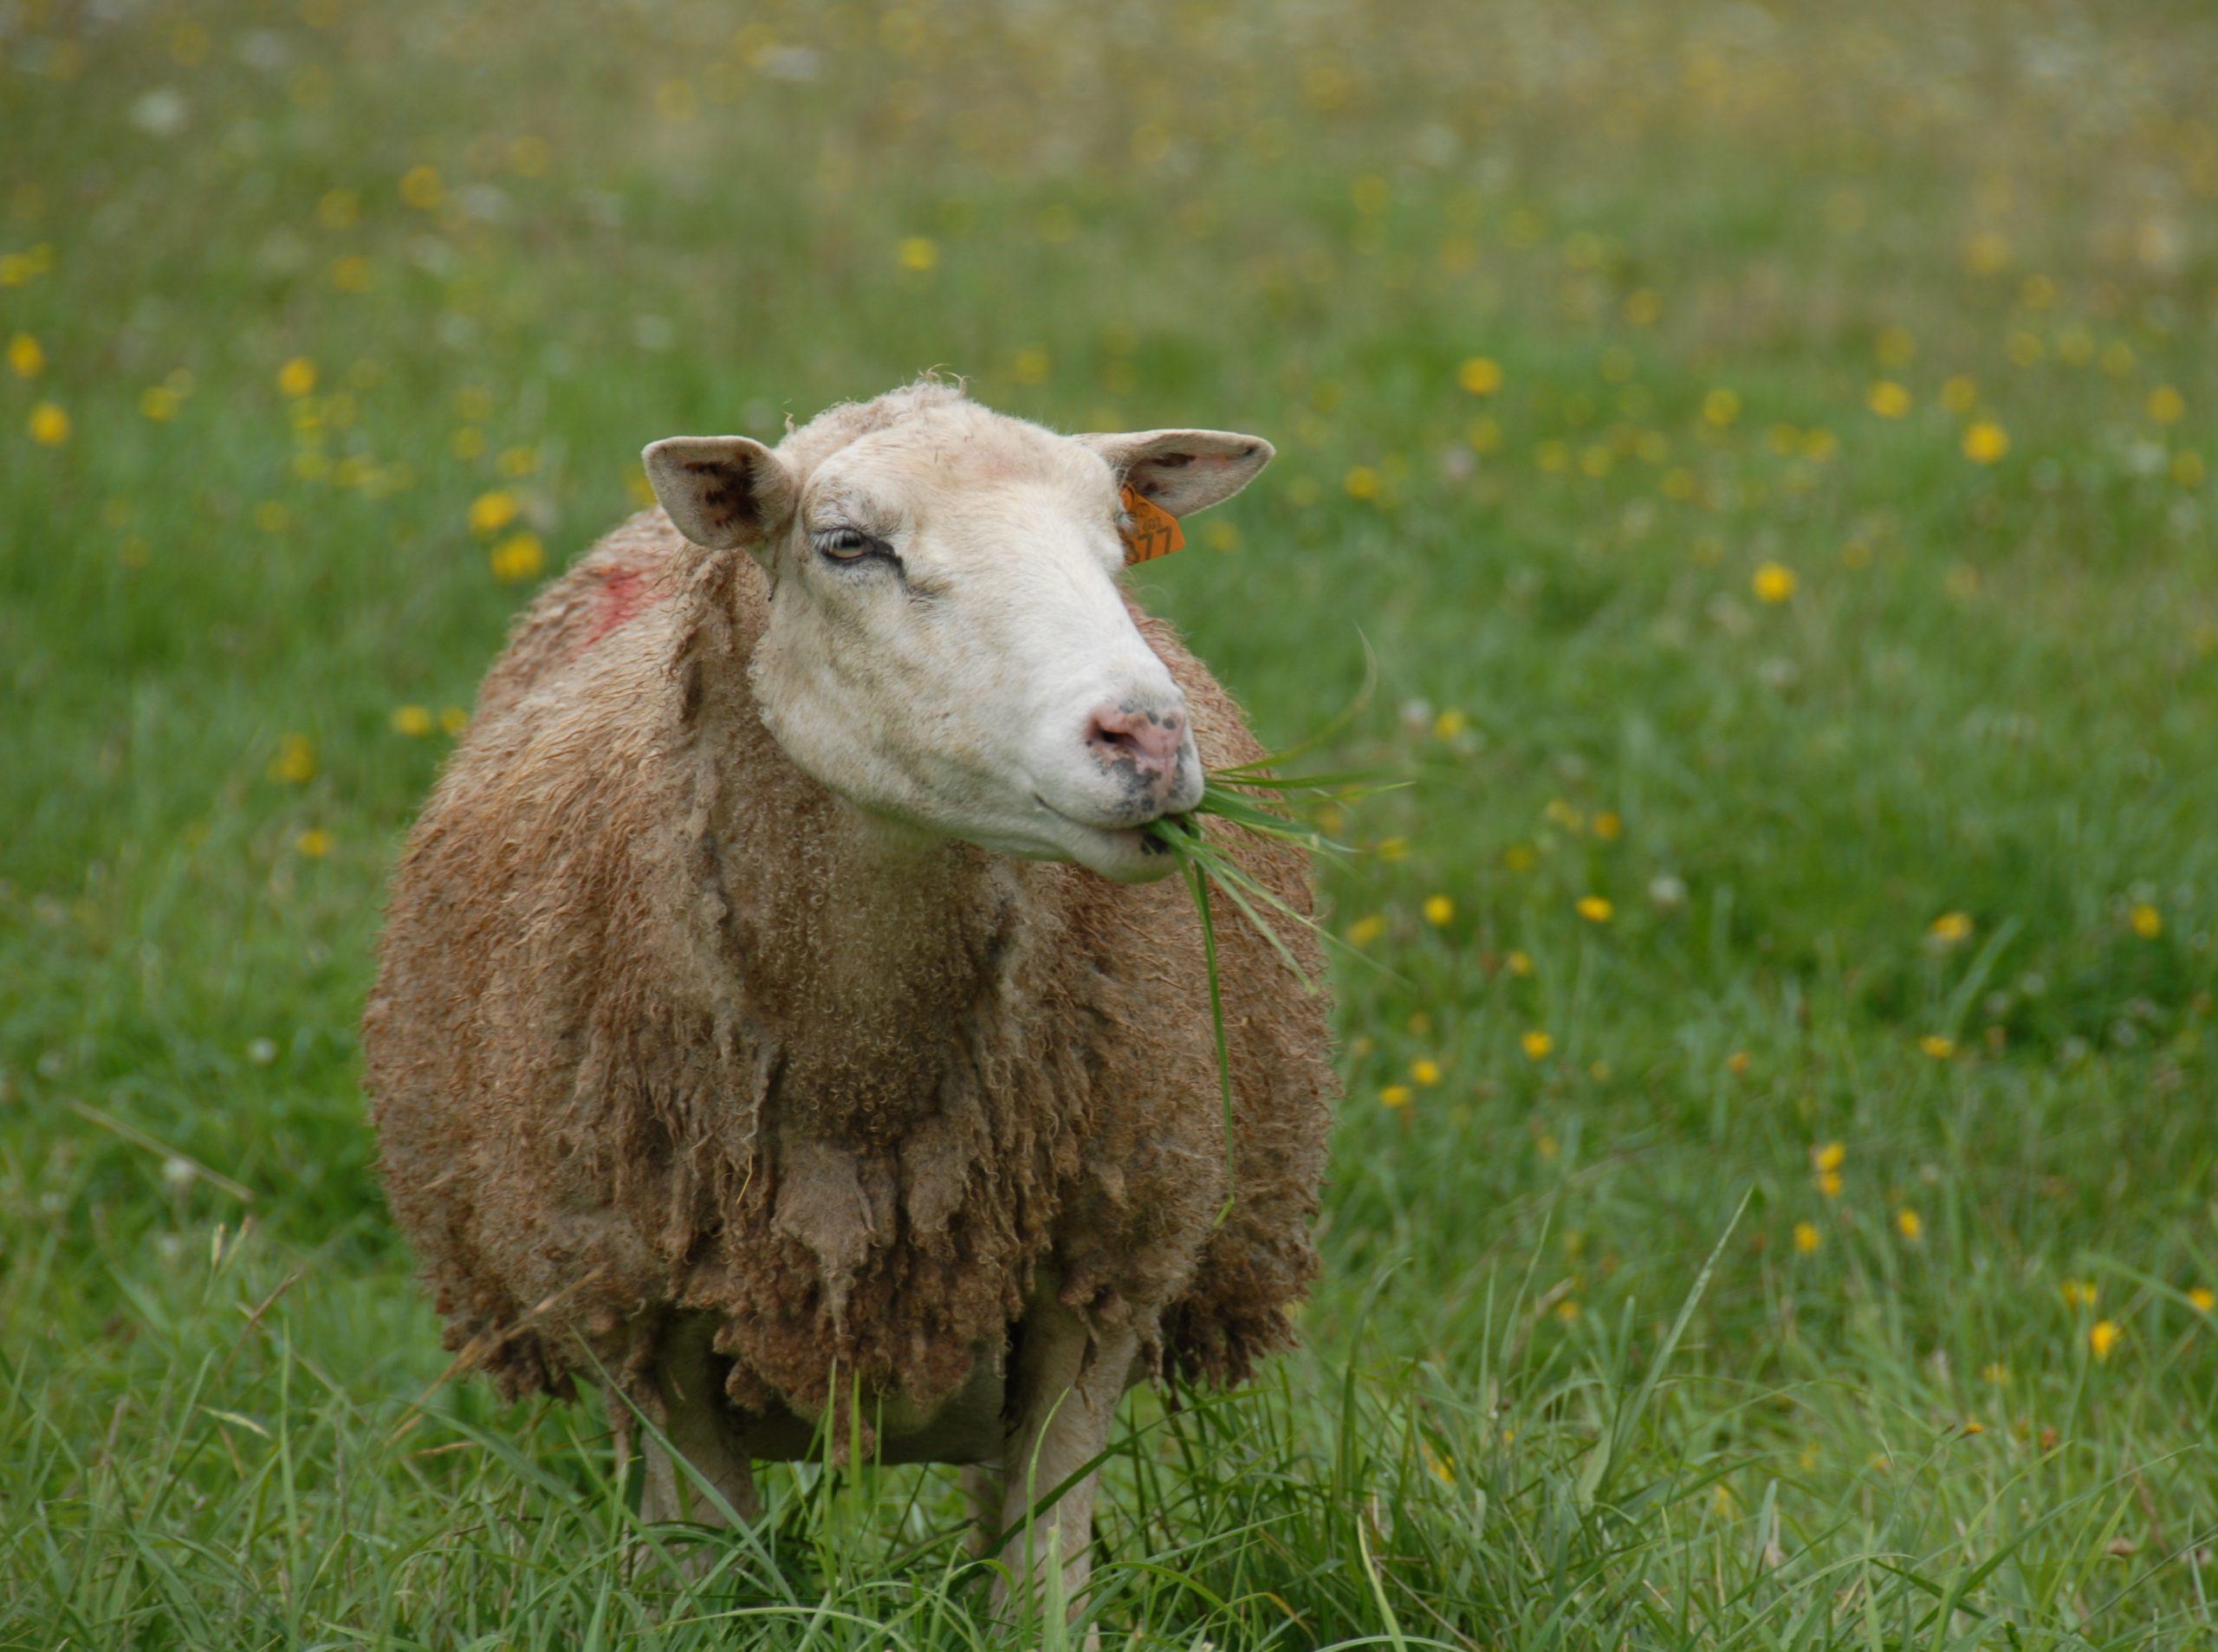 Une Prévention Sanitaire De Tous Les Instants   Réussir dedans Différence Entre Brebis Et Mouton